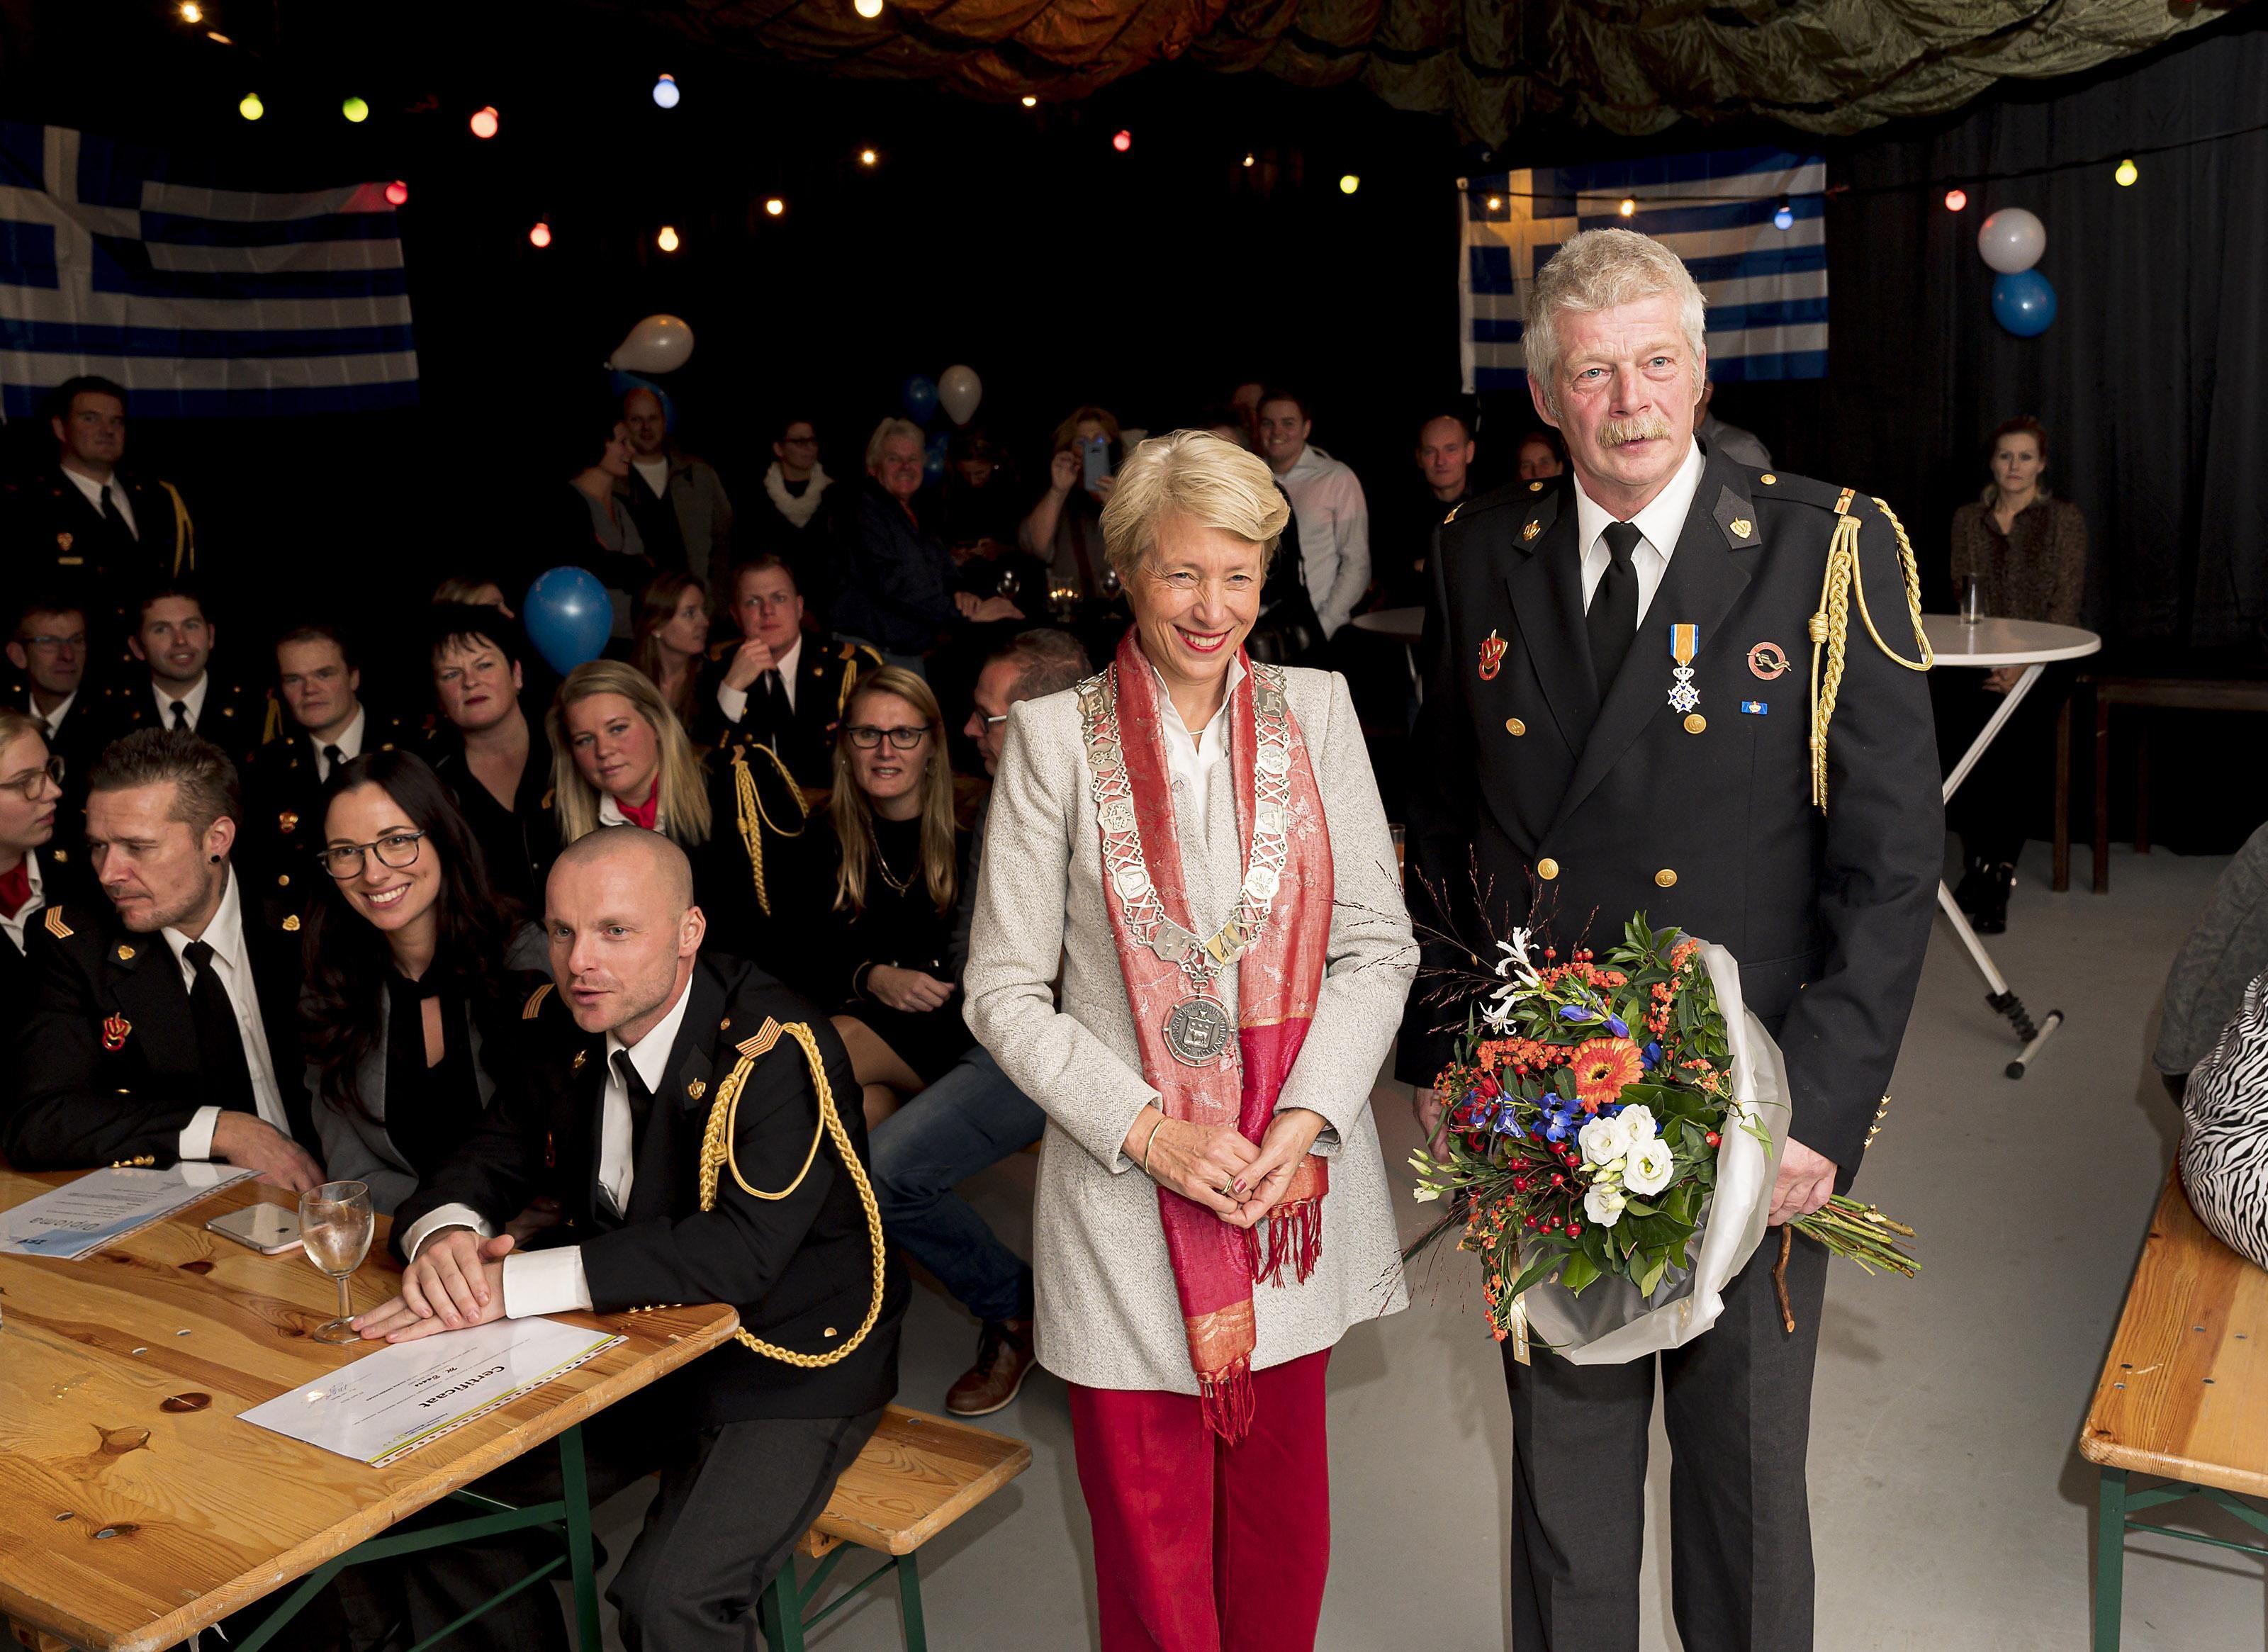 Onderscheiding voor brandweerman Kwadijk - Noordhollands Dagblad